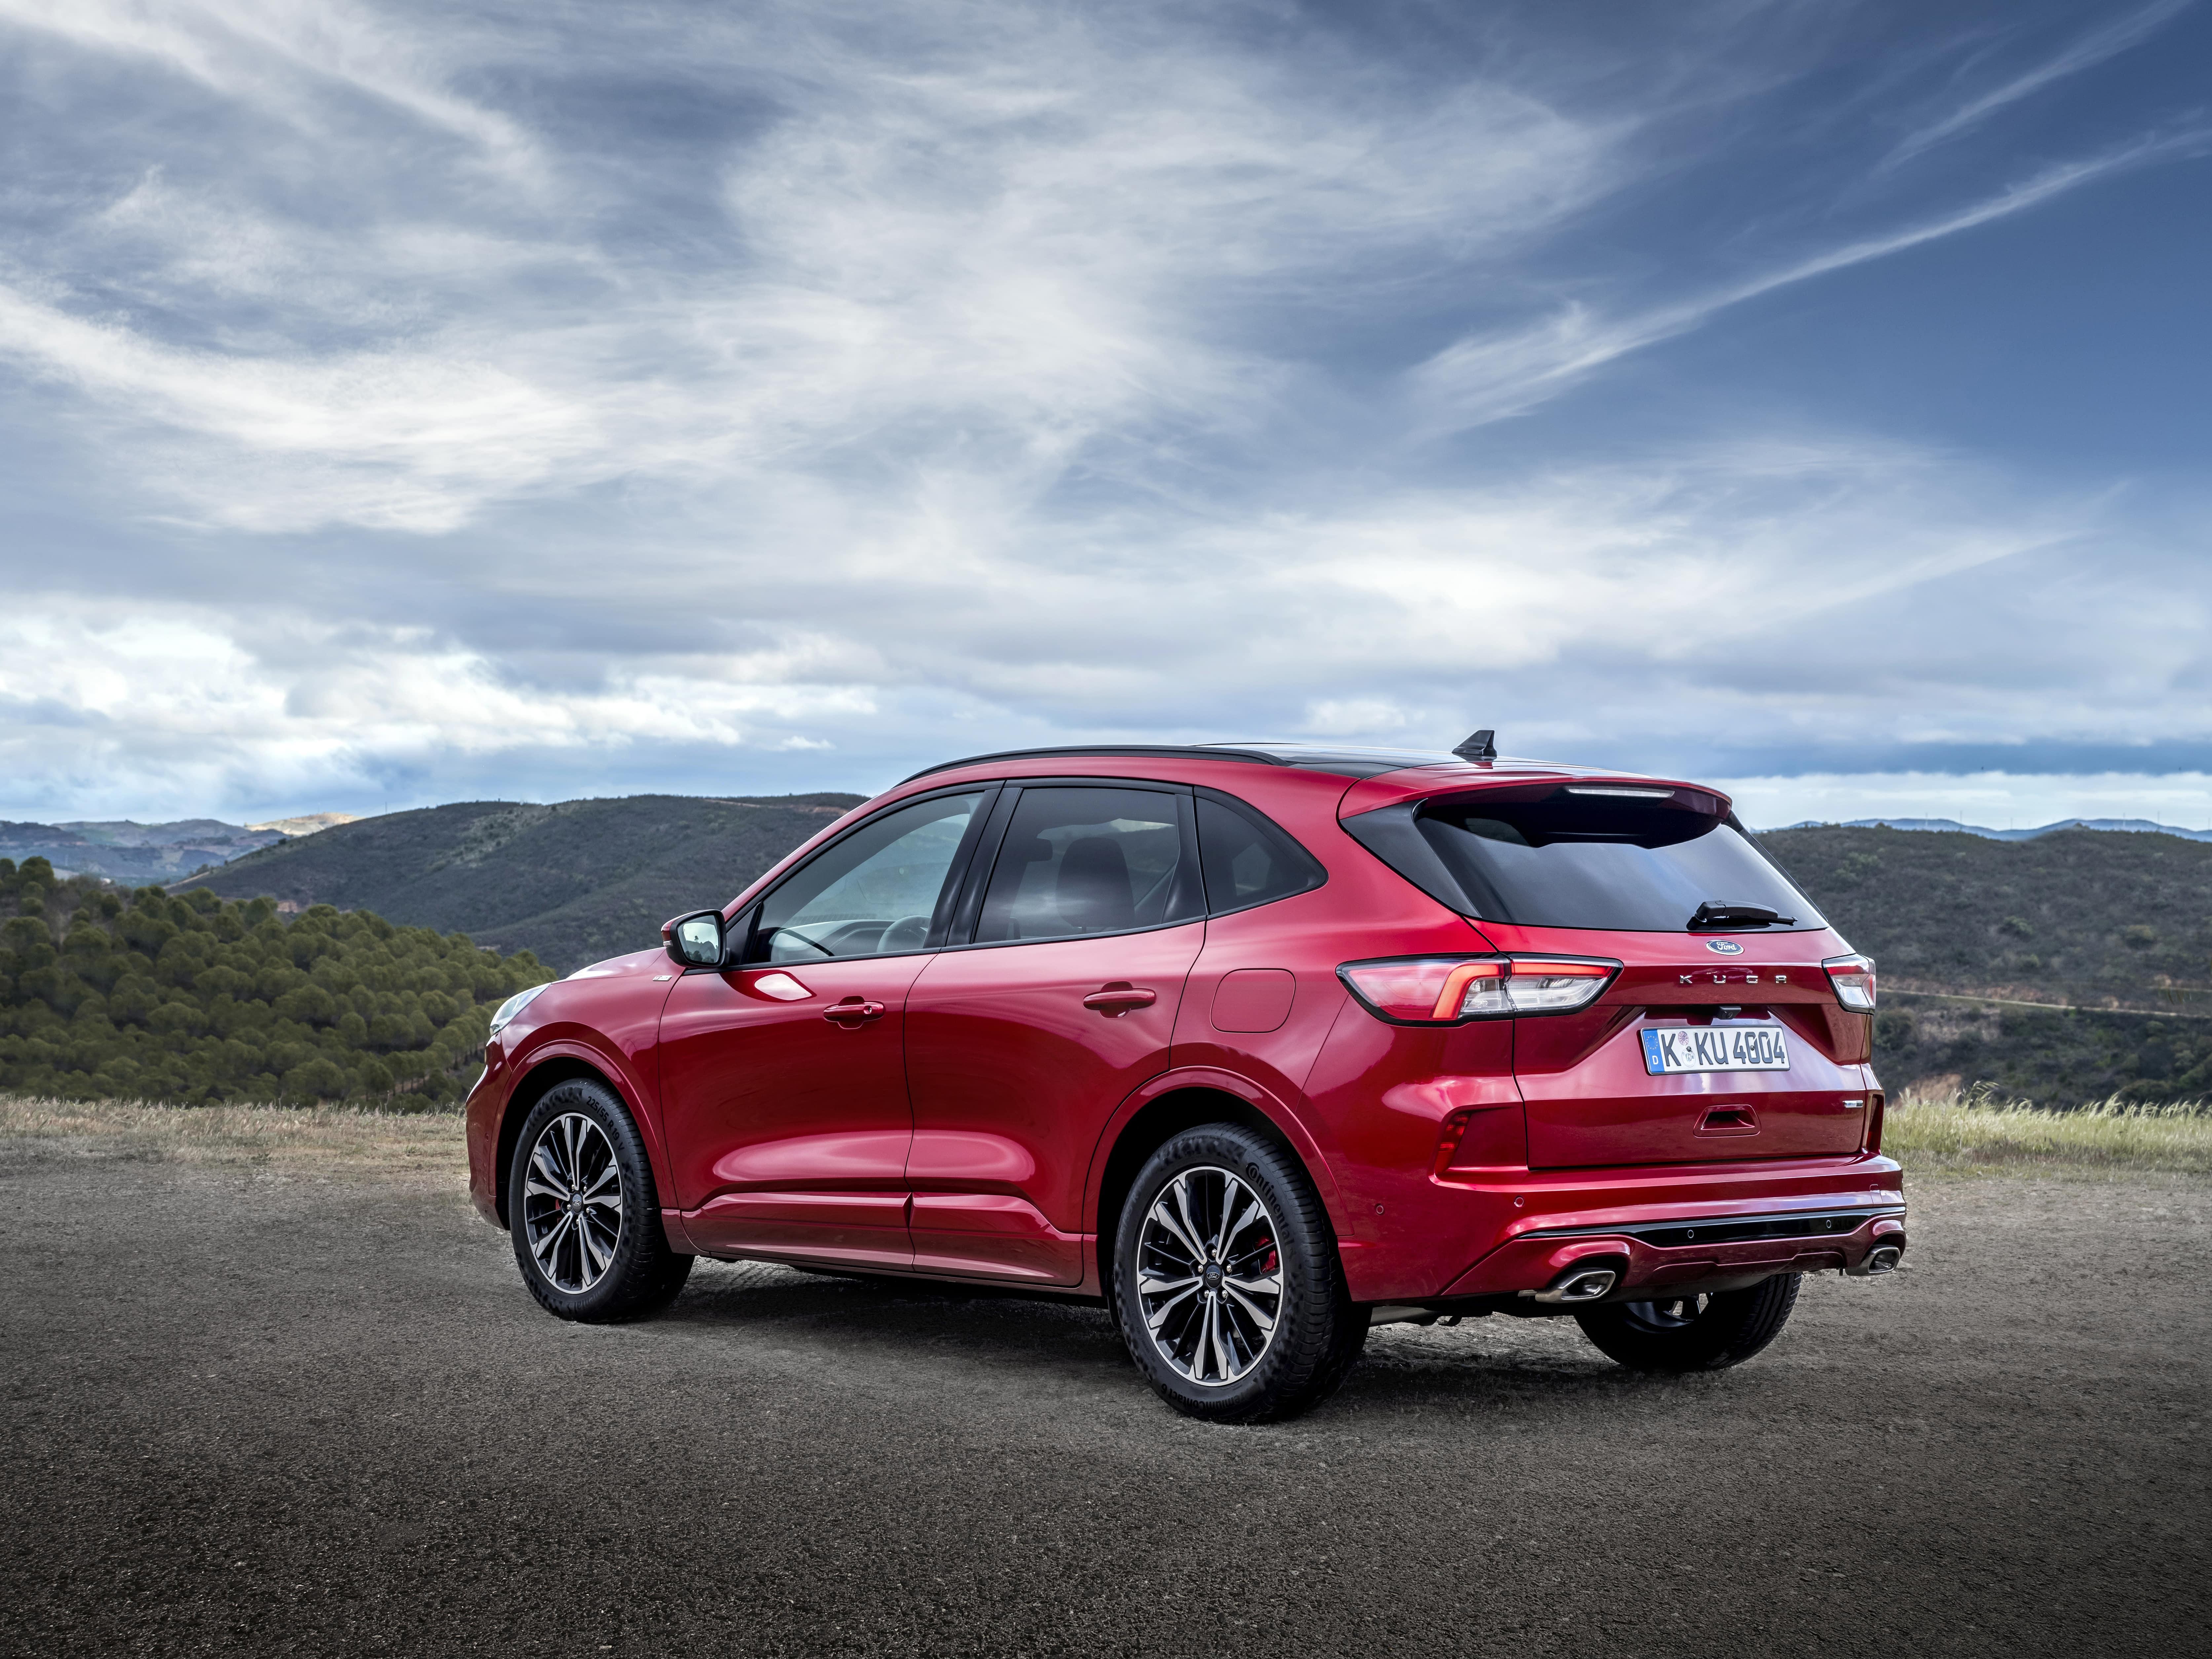 Le Nouveau Ford Kuga élu « Car of the Year 2021 » au Maroc ...